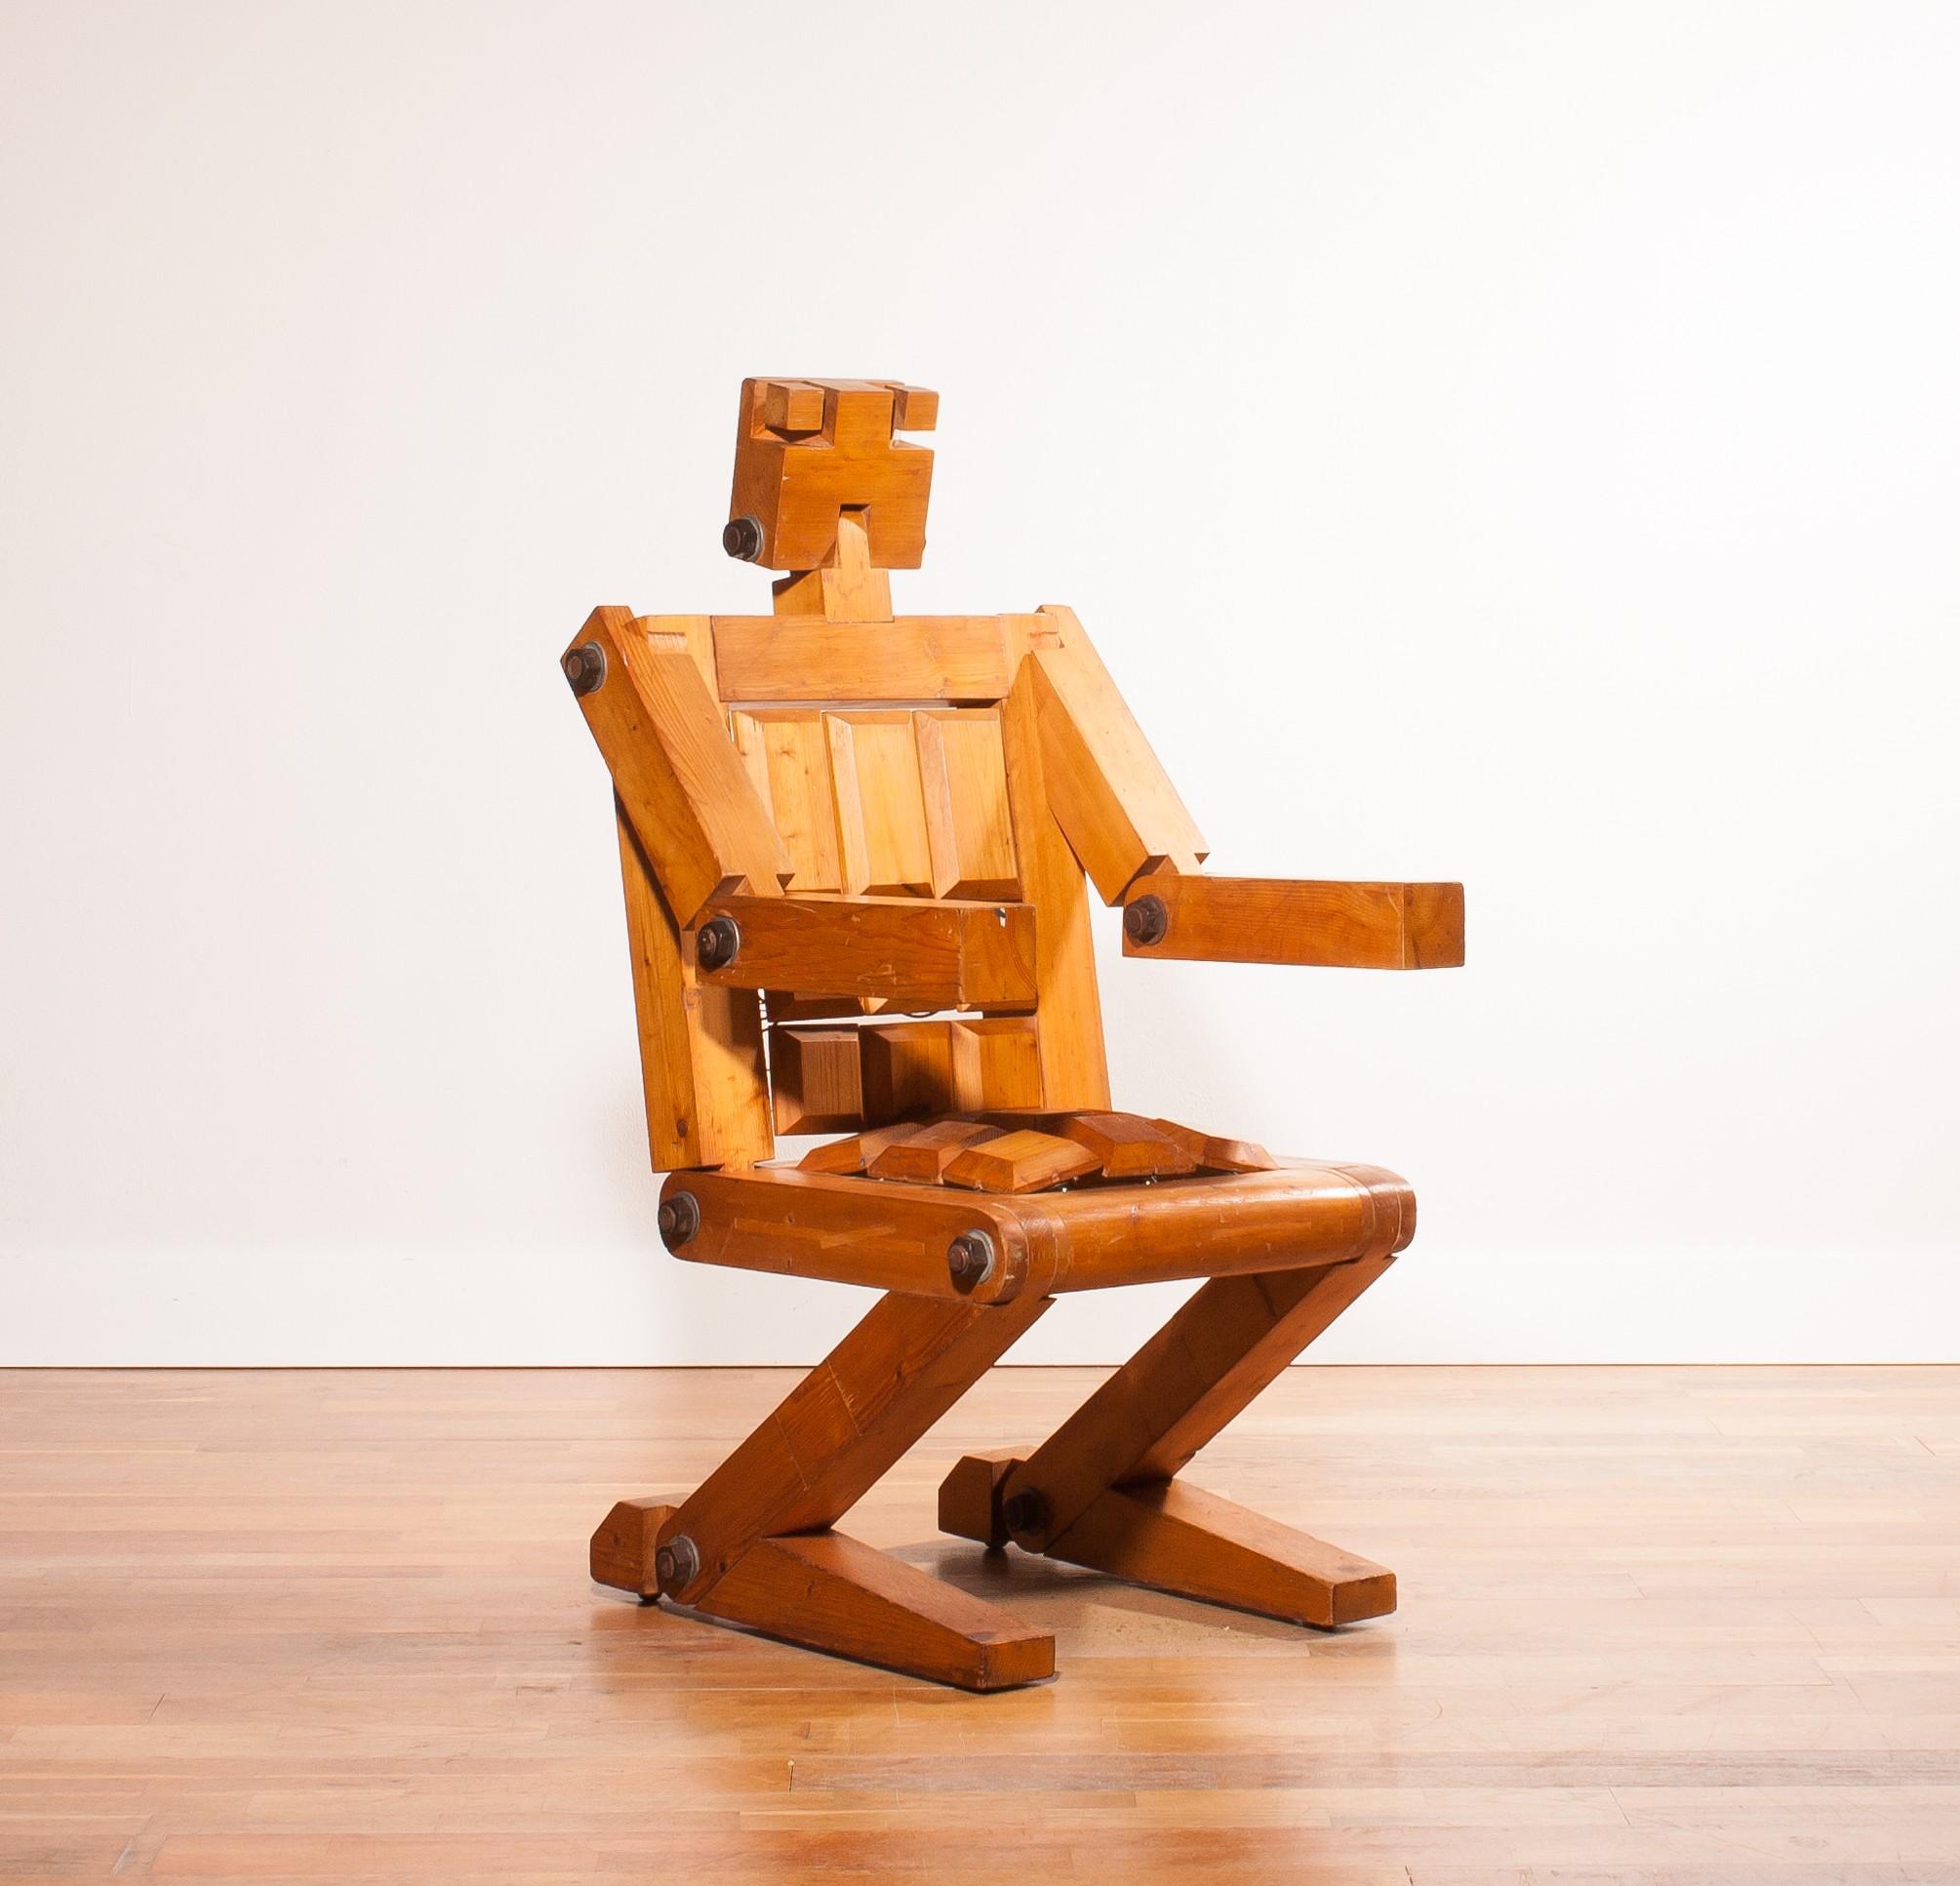 Very Rare Quot Bielke 77 Quot Robot Chair 1970s Design Market